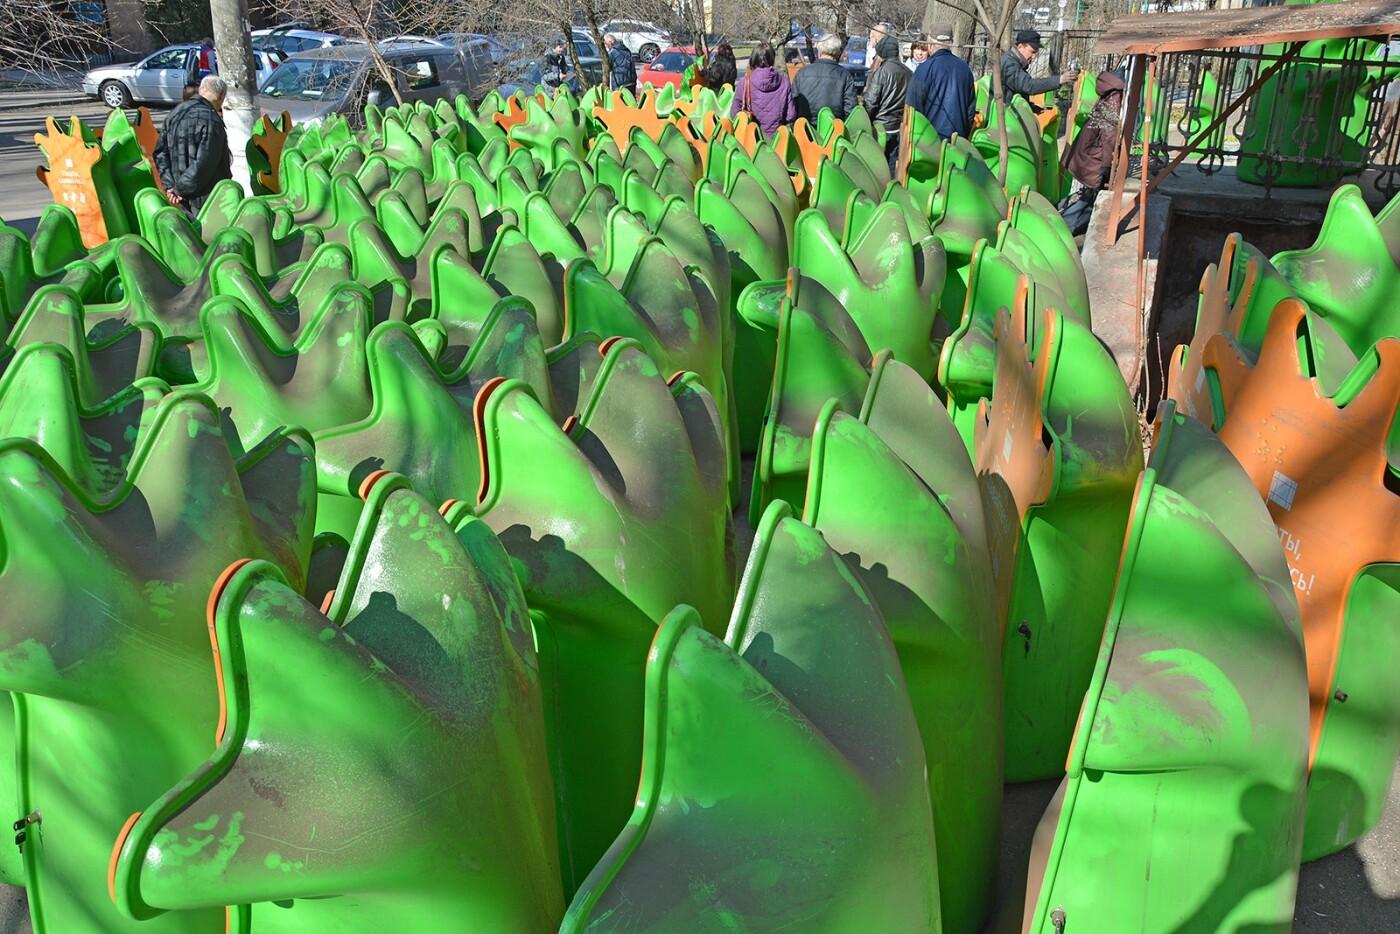 Школьники Николаева первыми начнут сдавать упаковки от напитков на переработку, - ФОТО, фото-4